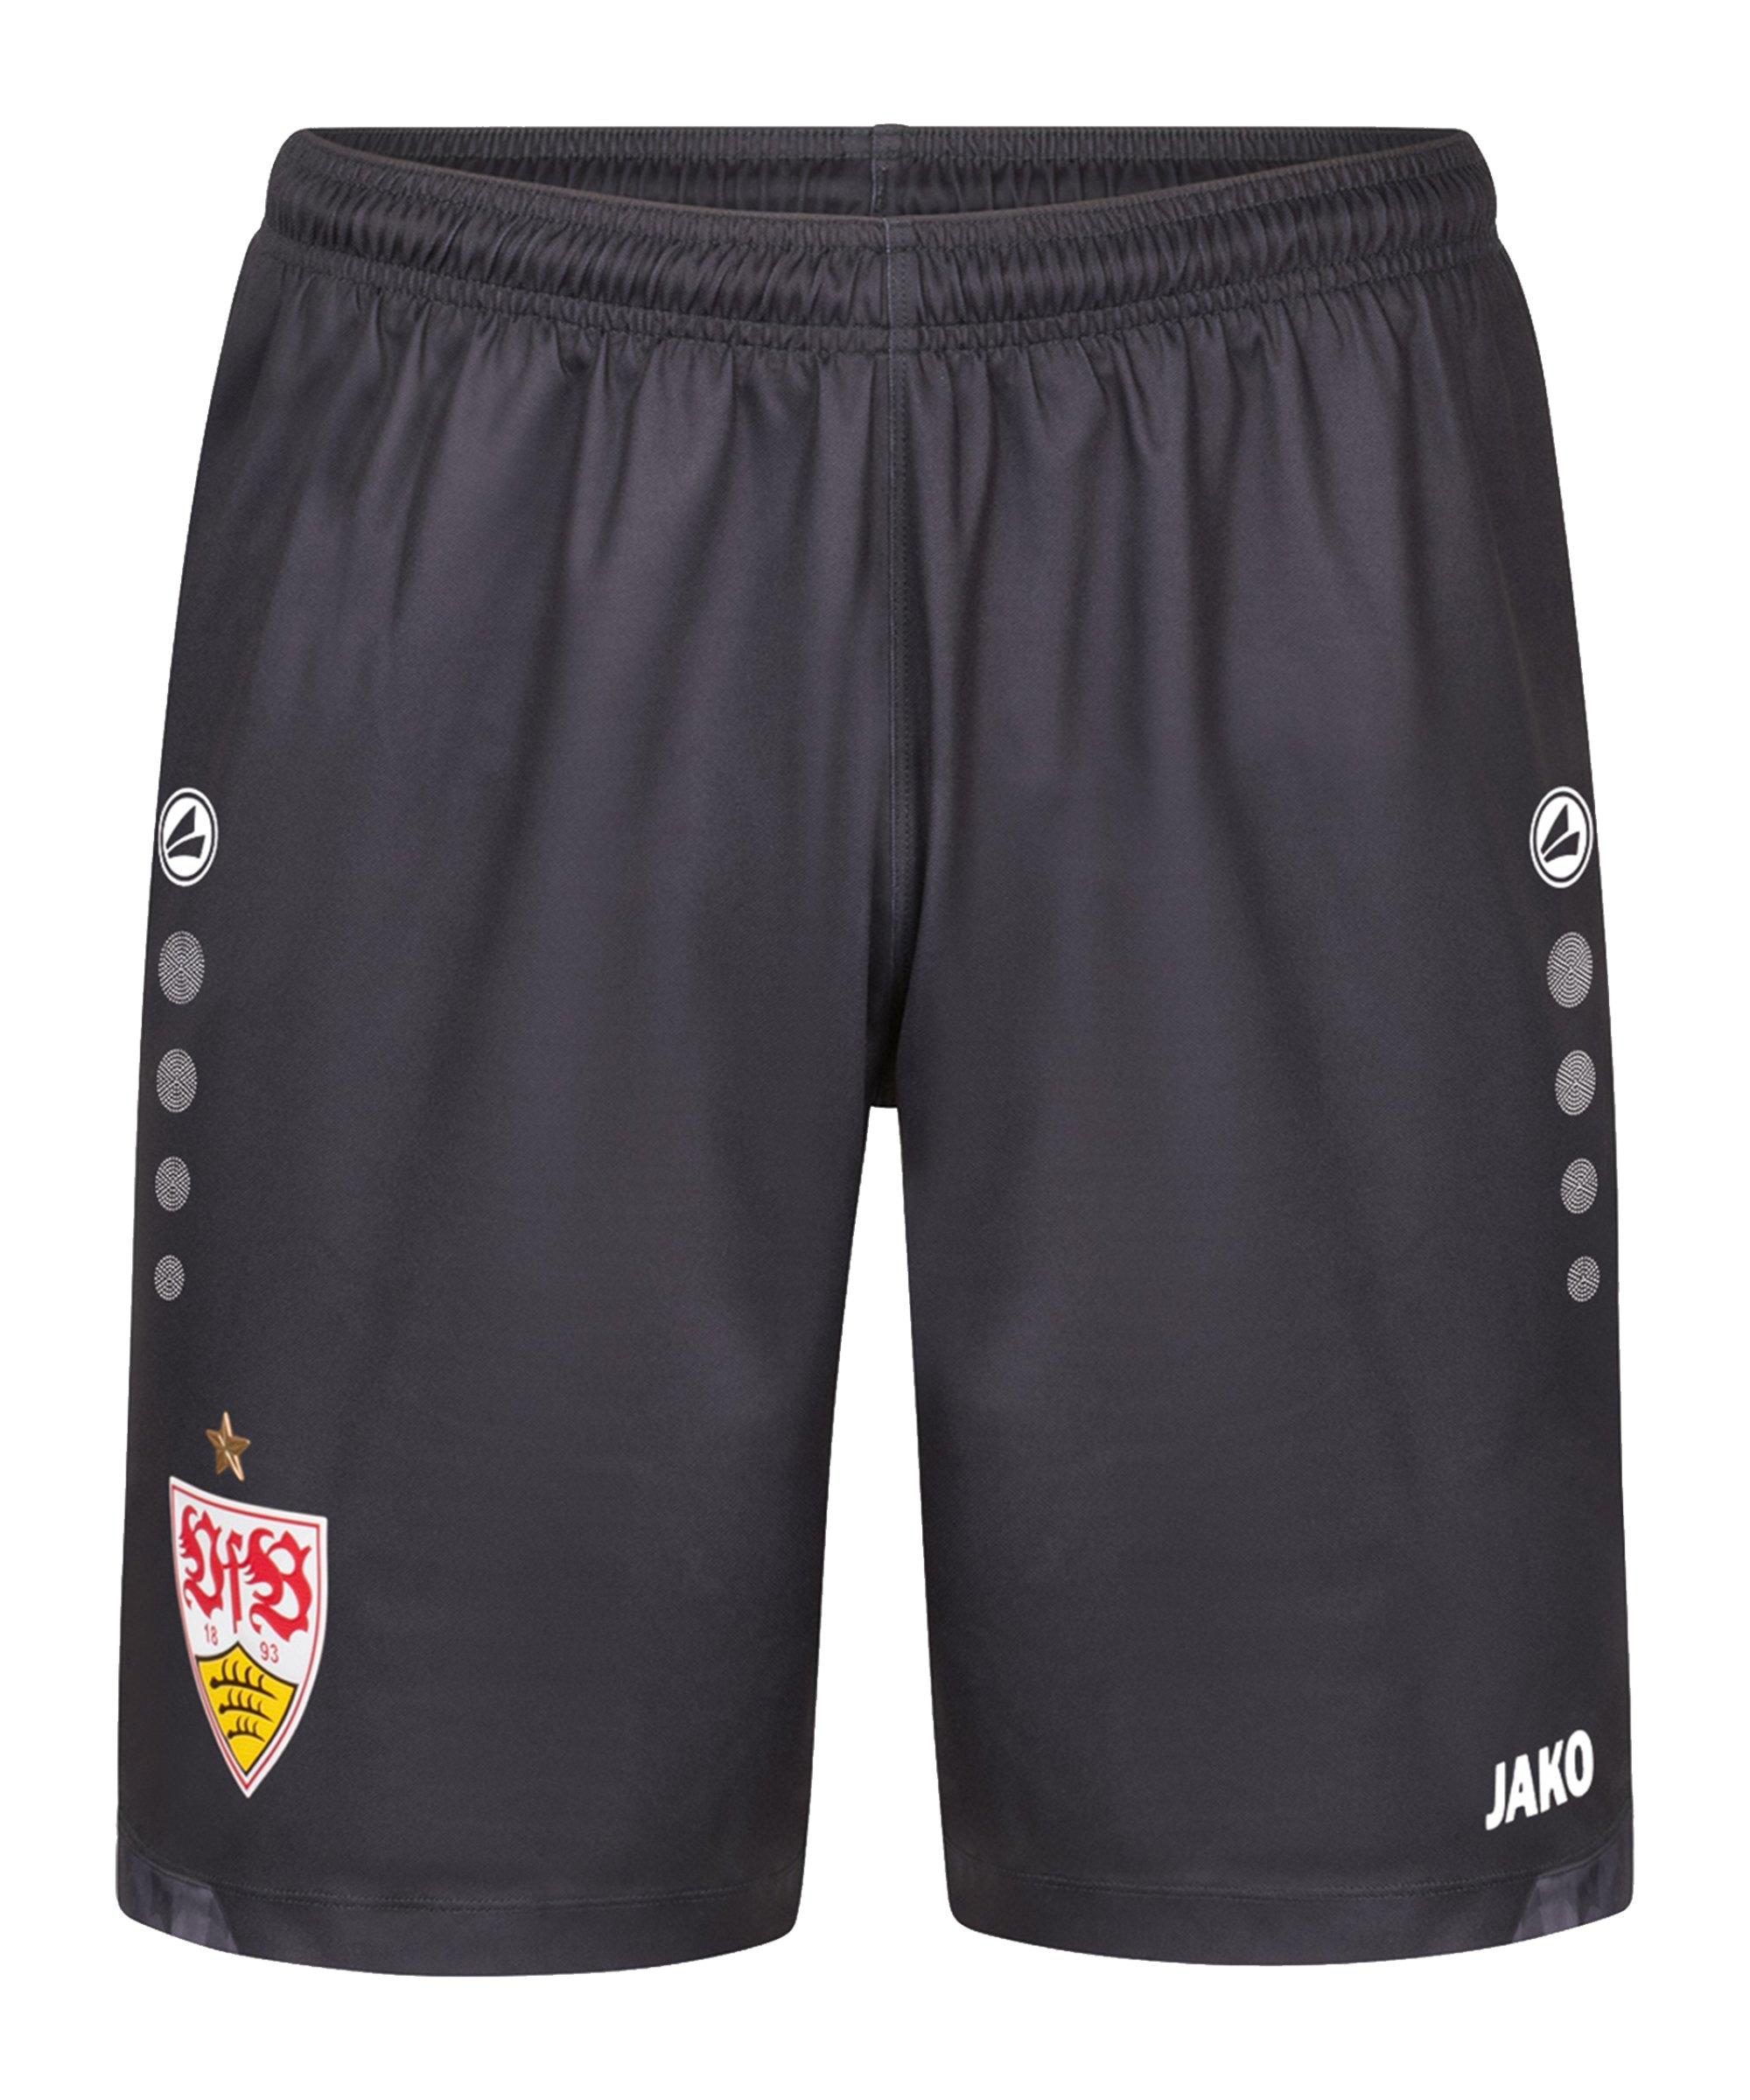 JAKO VfB Stuttgart Short 3rd 2021/2022 Kids Grau F830 - grau